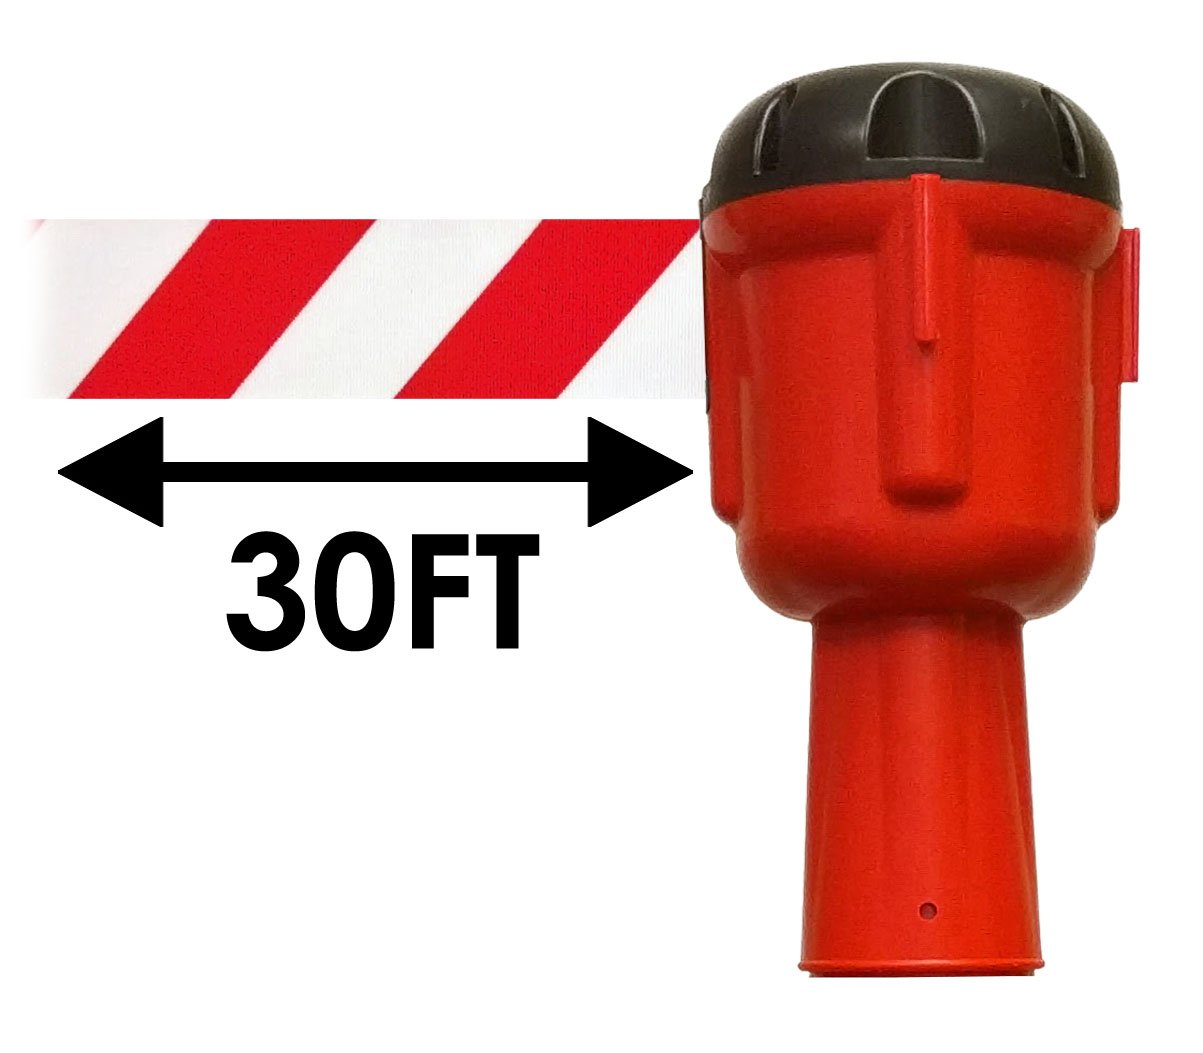 Dコーン 駐車禁止 DCR-6 6個 \u203b1個からご購入いただけます B01DBGJNCK (6個) (6個)